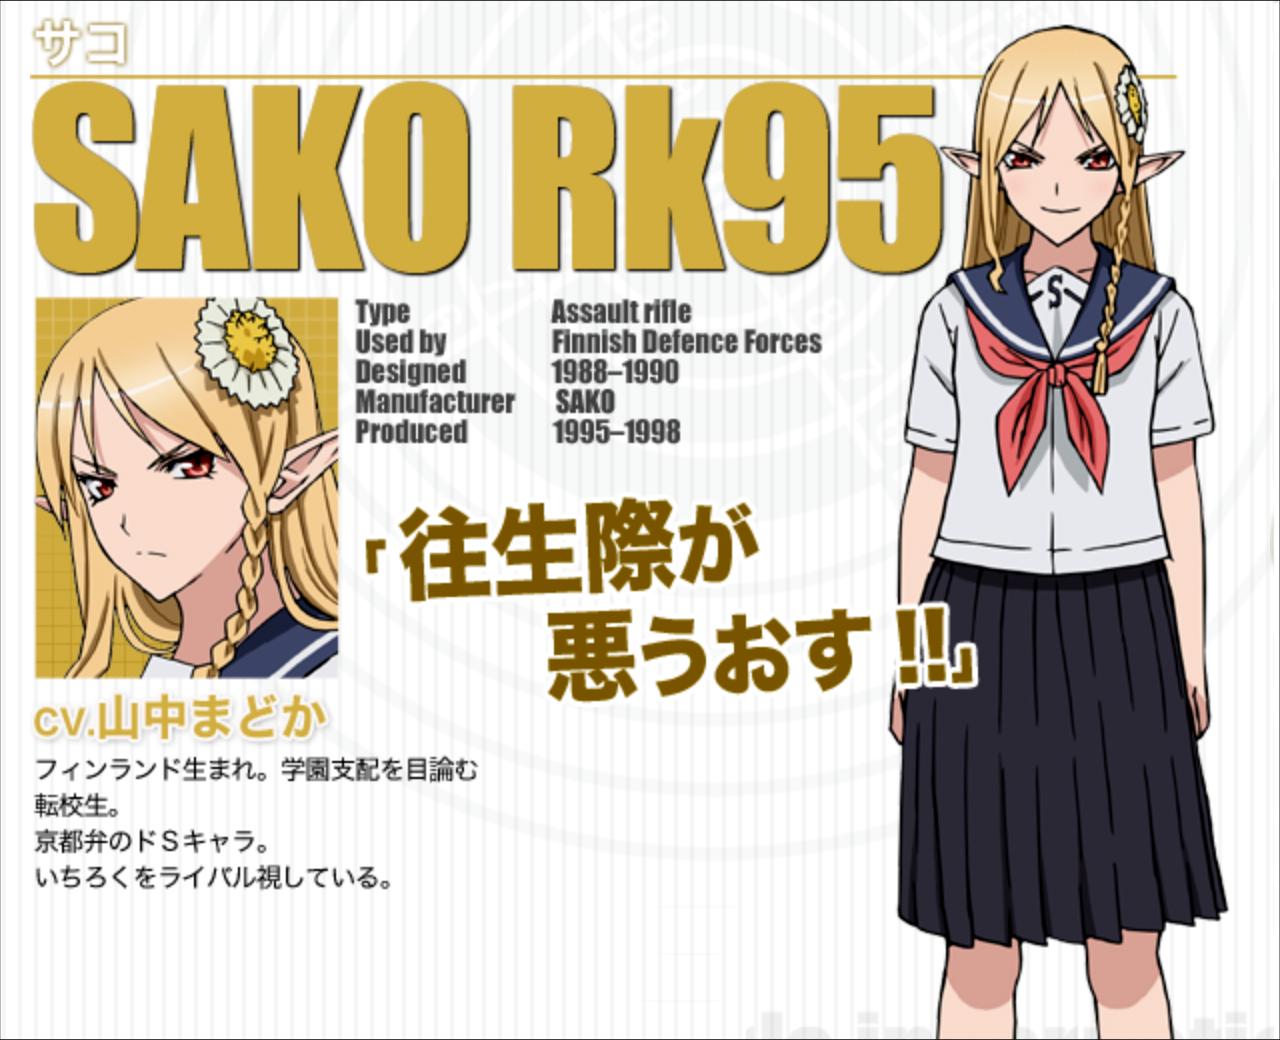 サコ/SAKO Rk95(声 - 山中まどか)